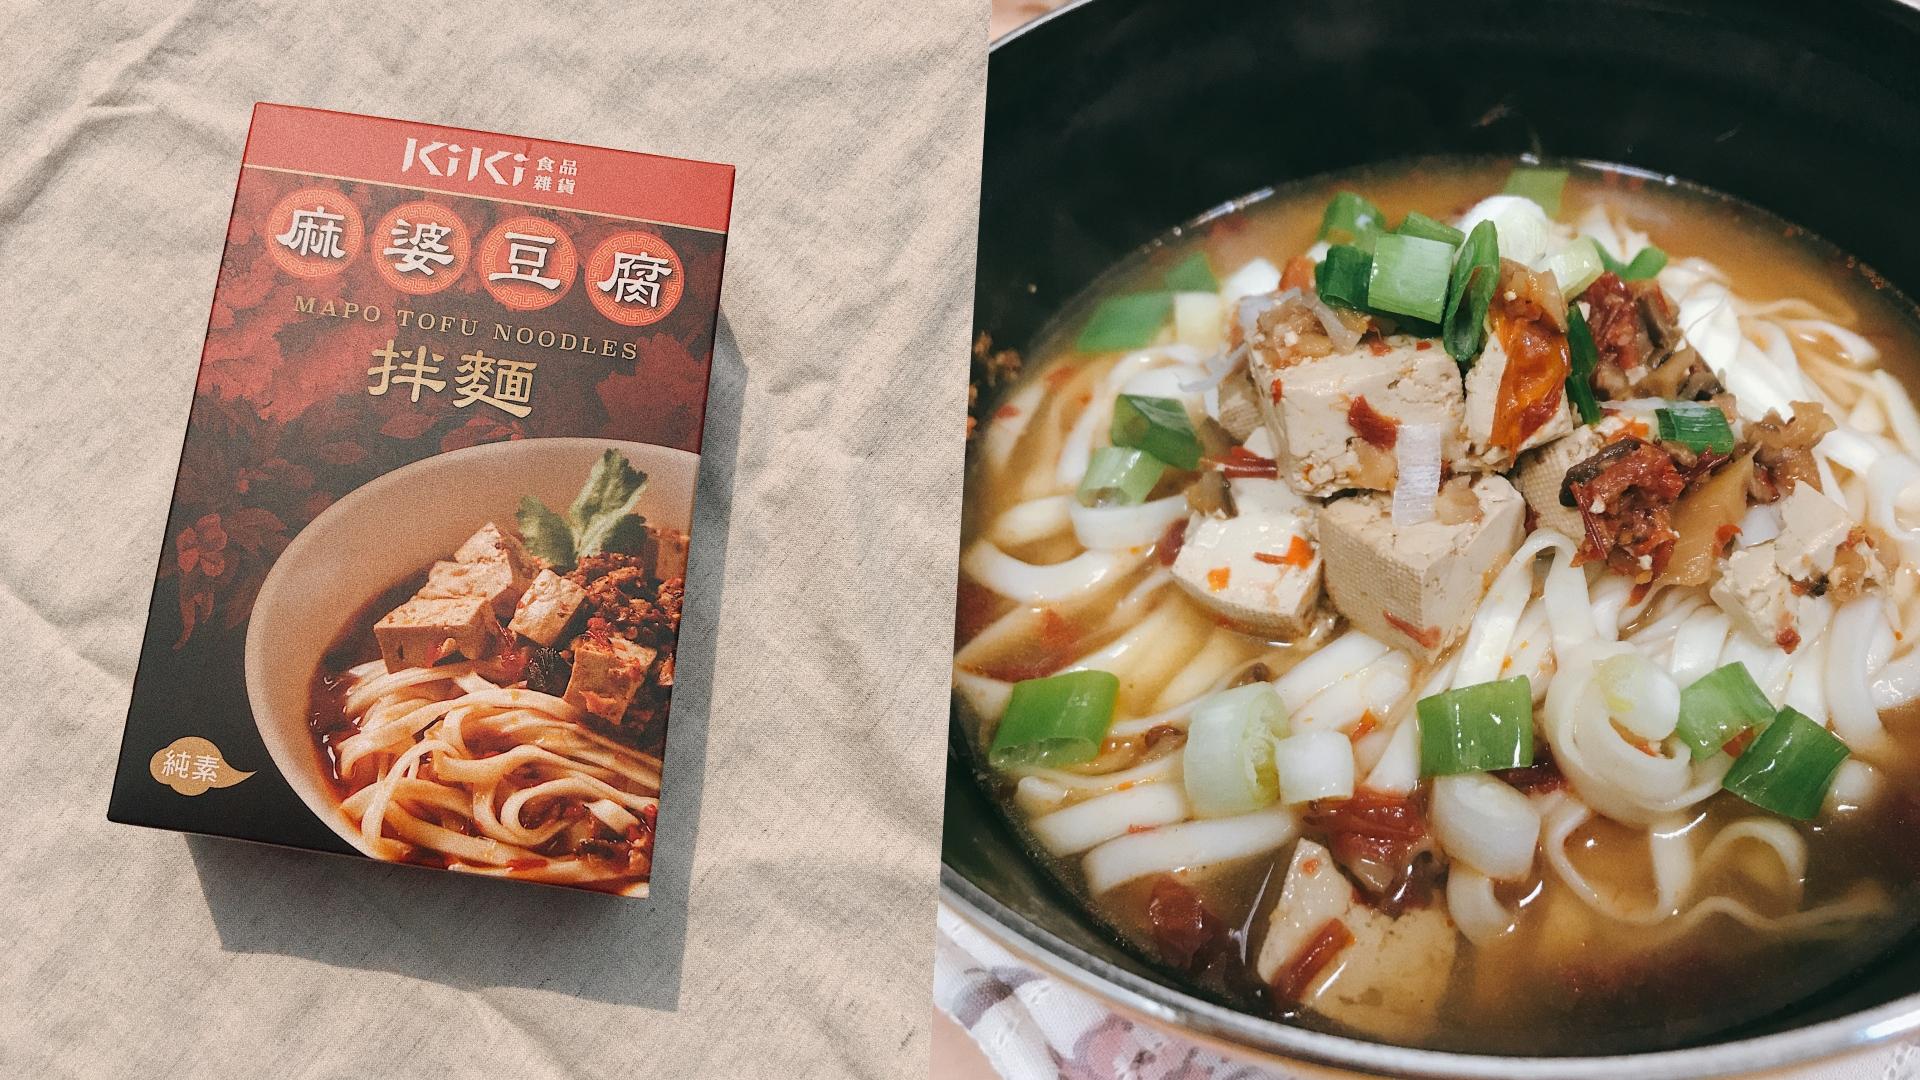 不太會煮飯又想做出厲害的料理,Kiki麻婆豆腐拌麵超適合你!